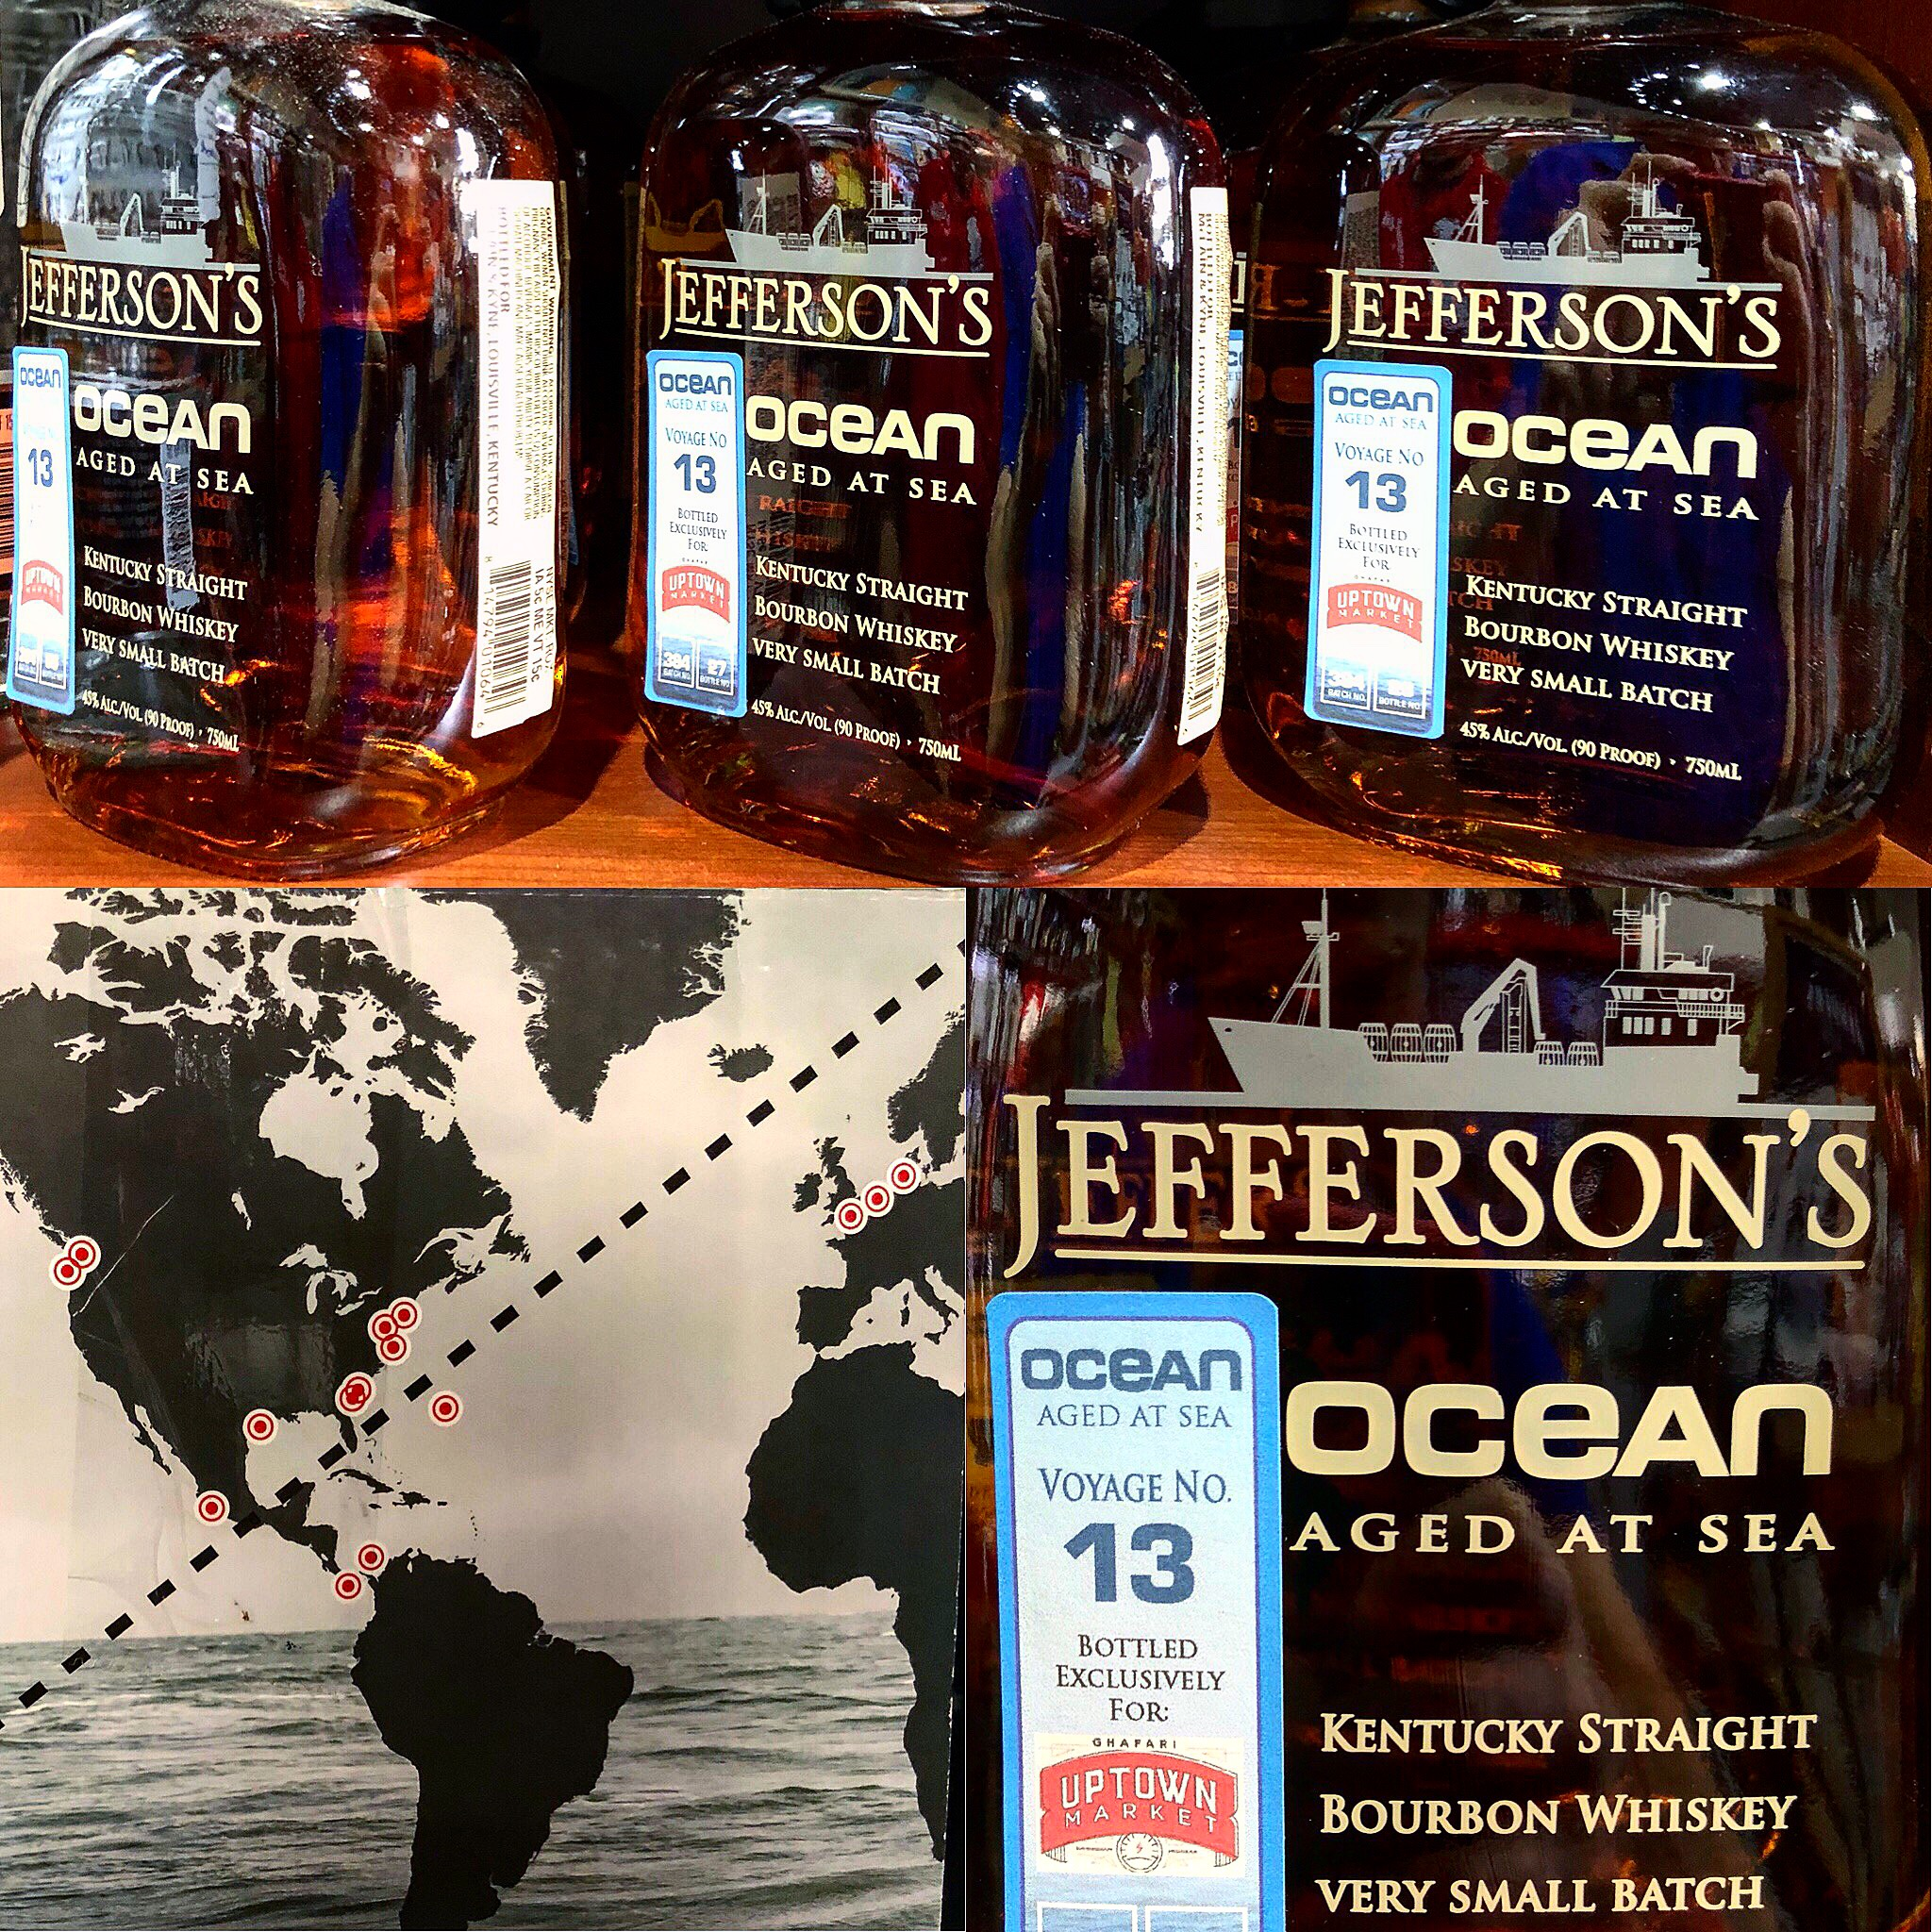 Jefferson's Ocean Aged At Sea (Voyage No. 13) -